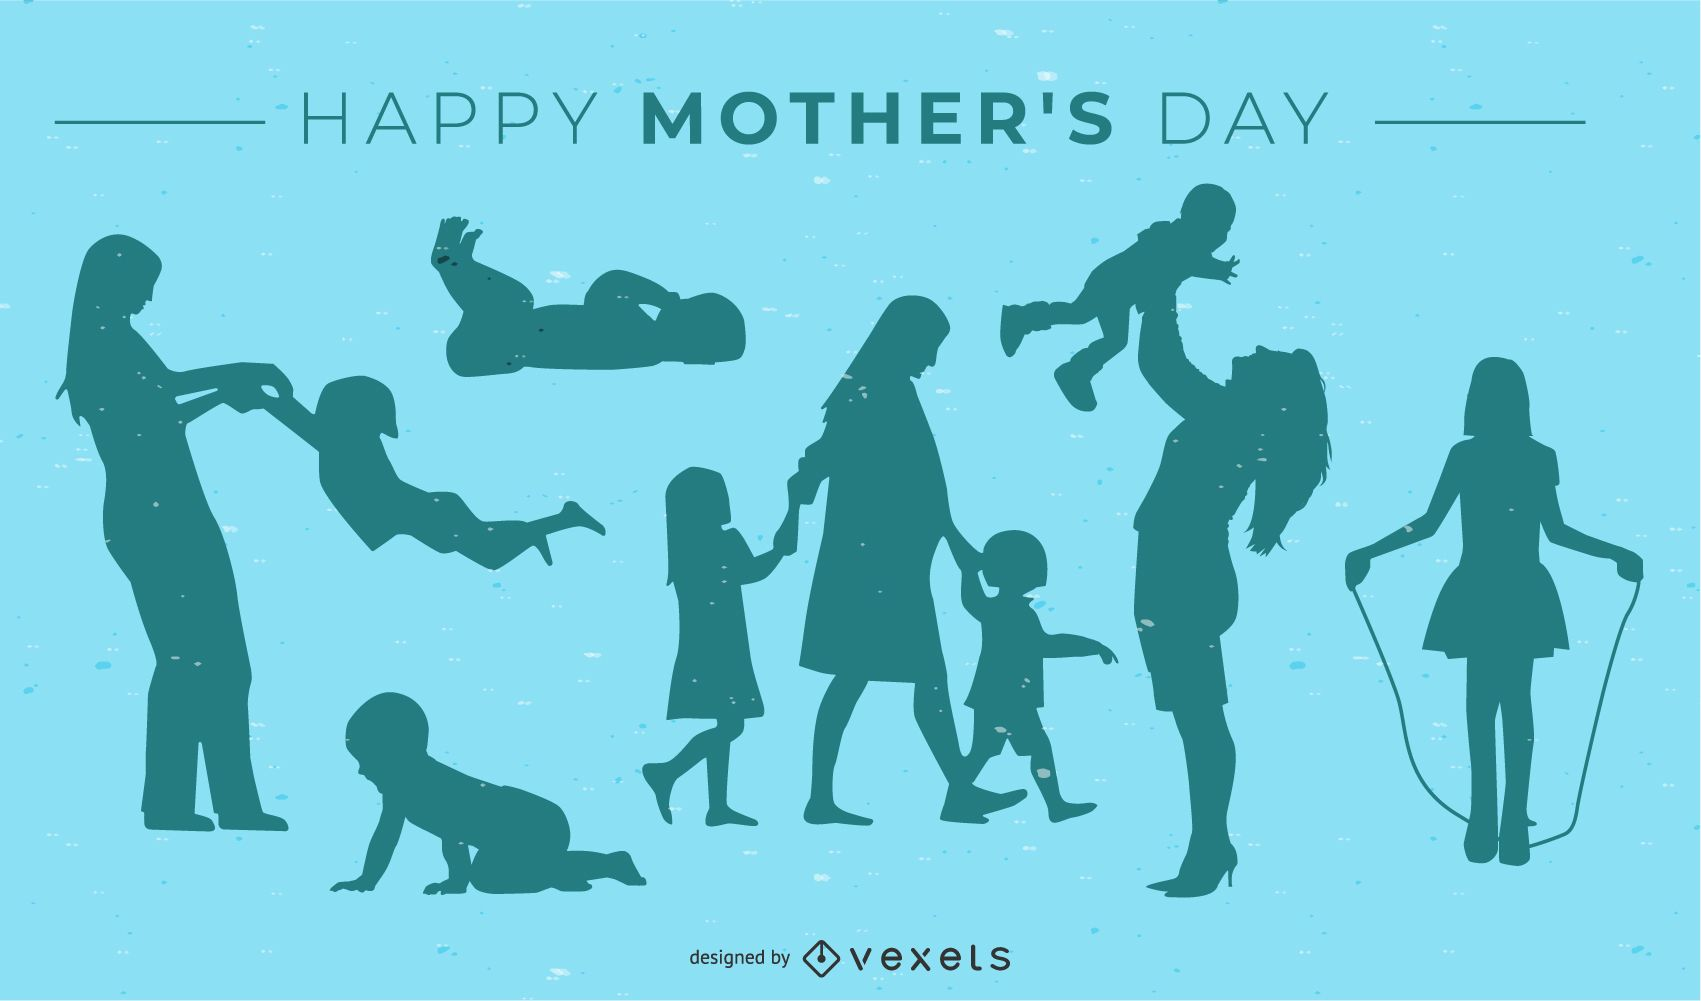 Projeto da silhueta do feliz dia das mães